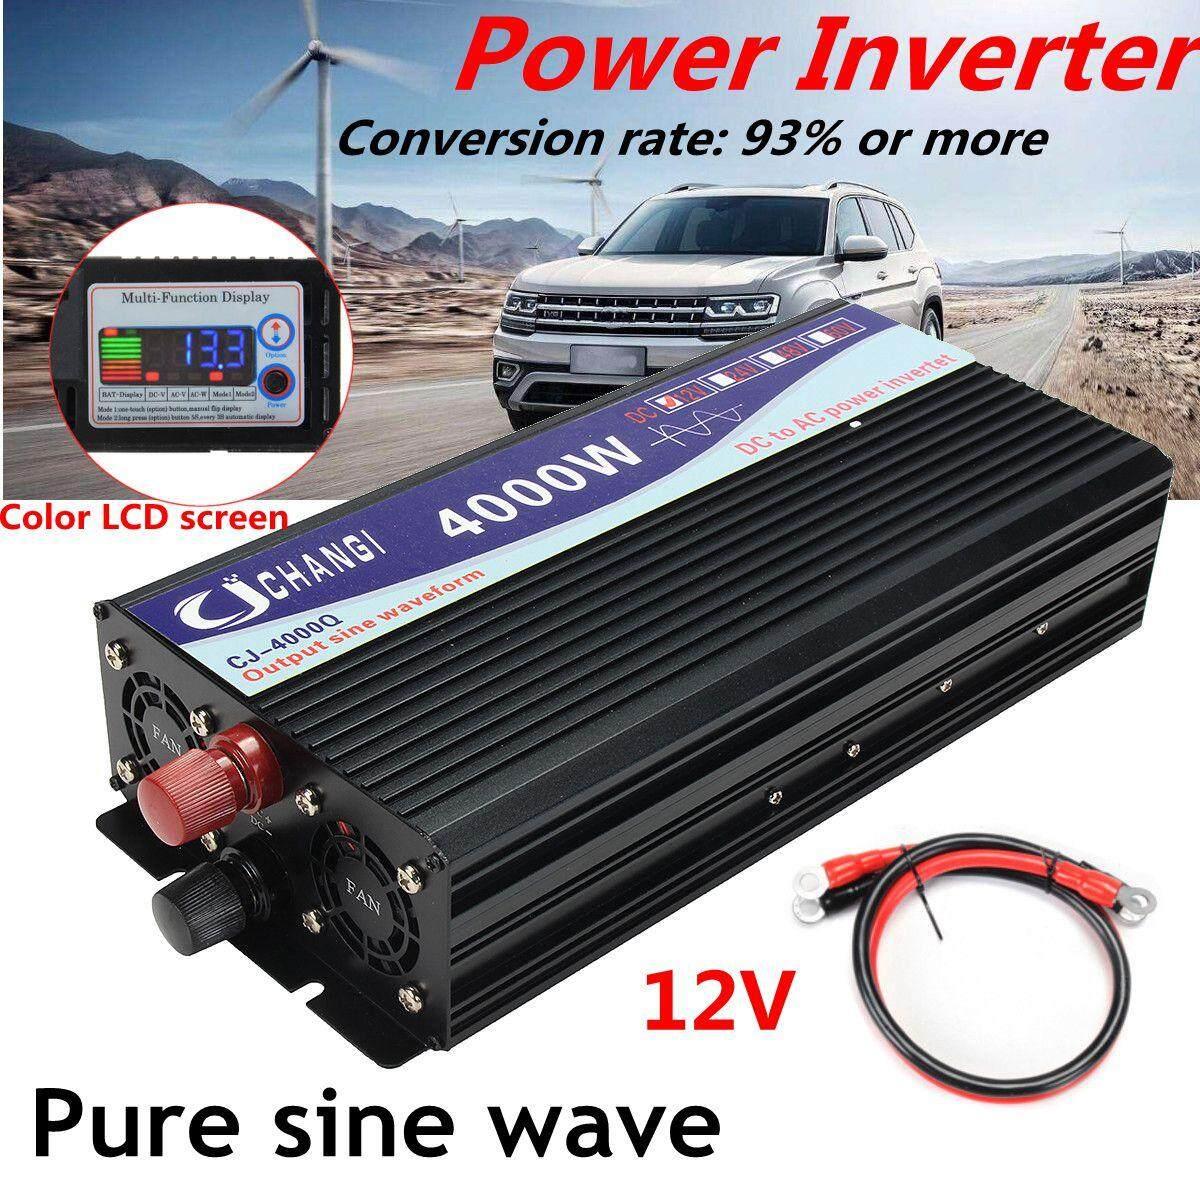 Inverter Tenaga Surya Portabel, Inverter Tenaga Surya 24V Ke AC 240V, 4000W, Adaptor Konverter Gelombang Sine Murni, Layar LCD, Konversi 93% untuk Panel Surya, CPU/Hibrid, Peralatan Rumah Tangga, 24V, 4000W